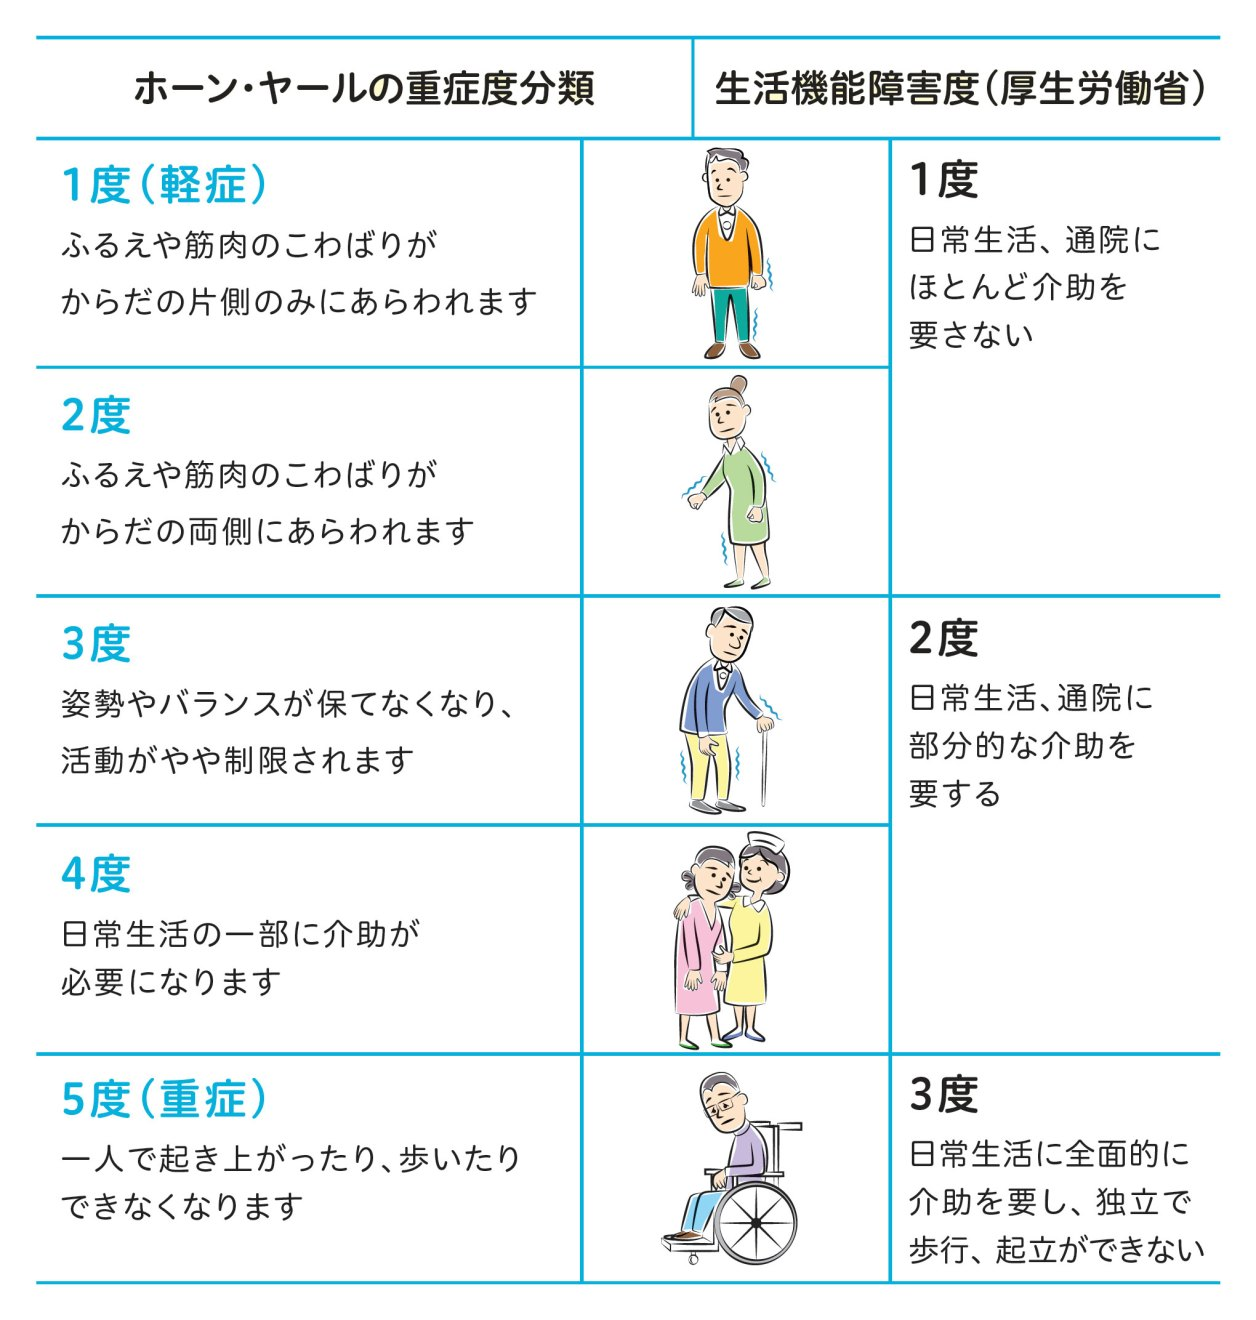 パーキンソン病の重症度|パーキンソン病について|パーキンソン病オンライン|武田薬品工業株式会社